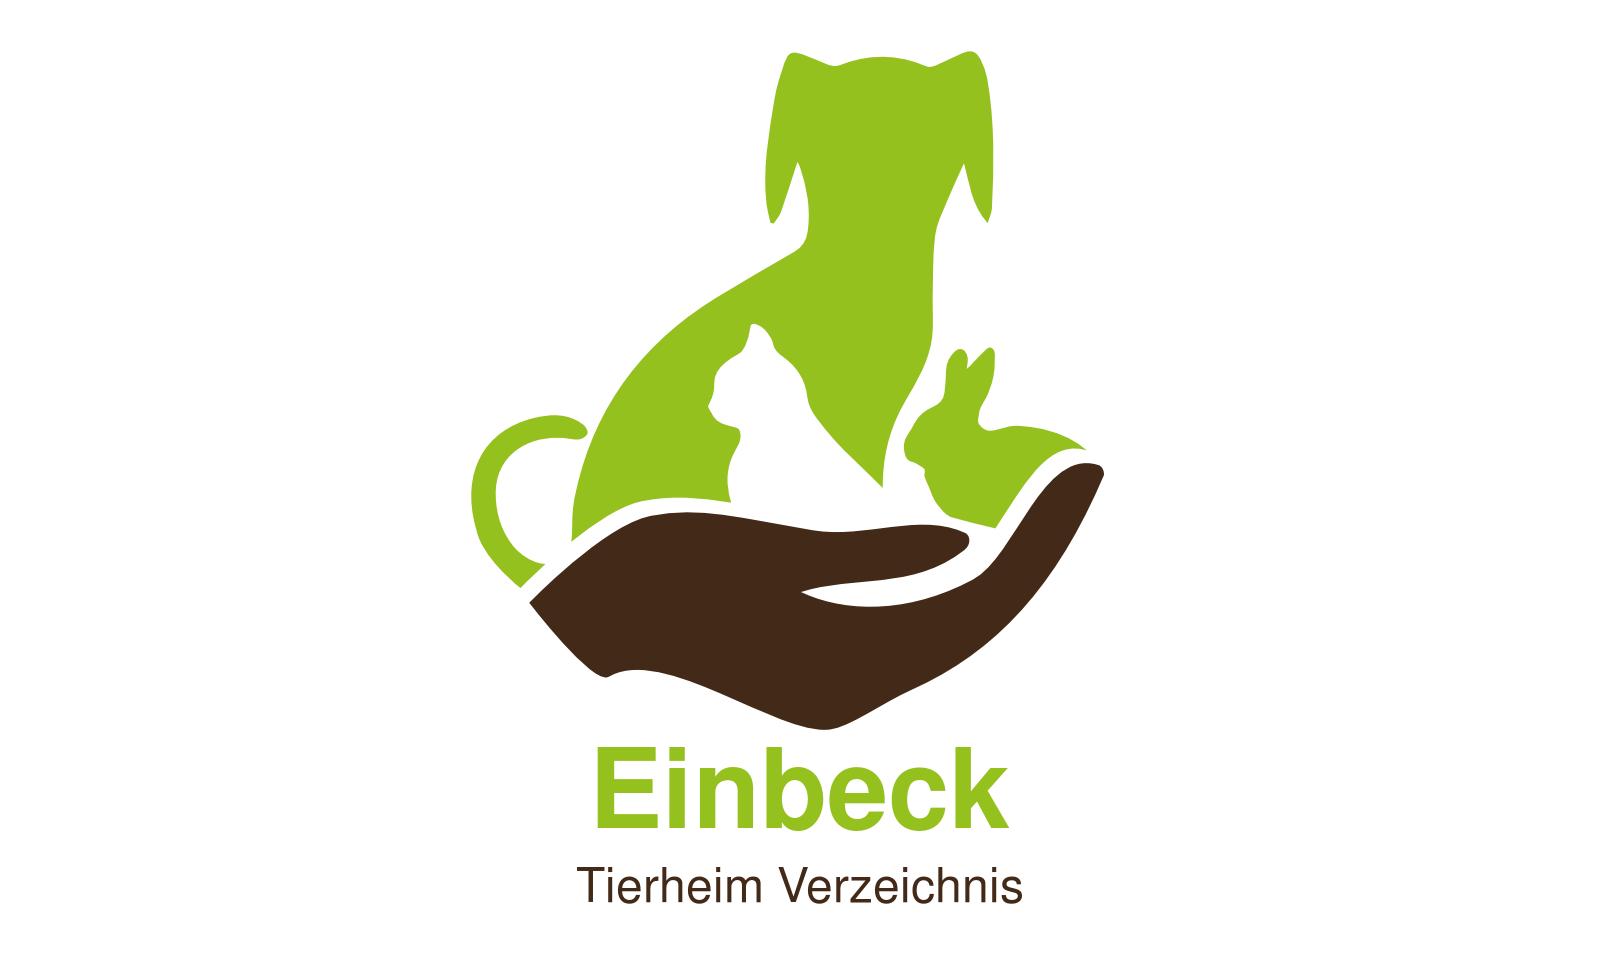 Tierheim Einbeck